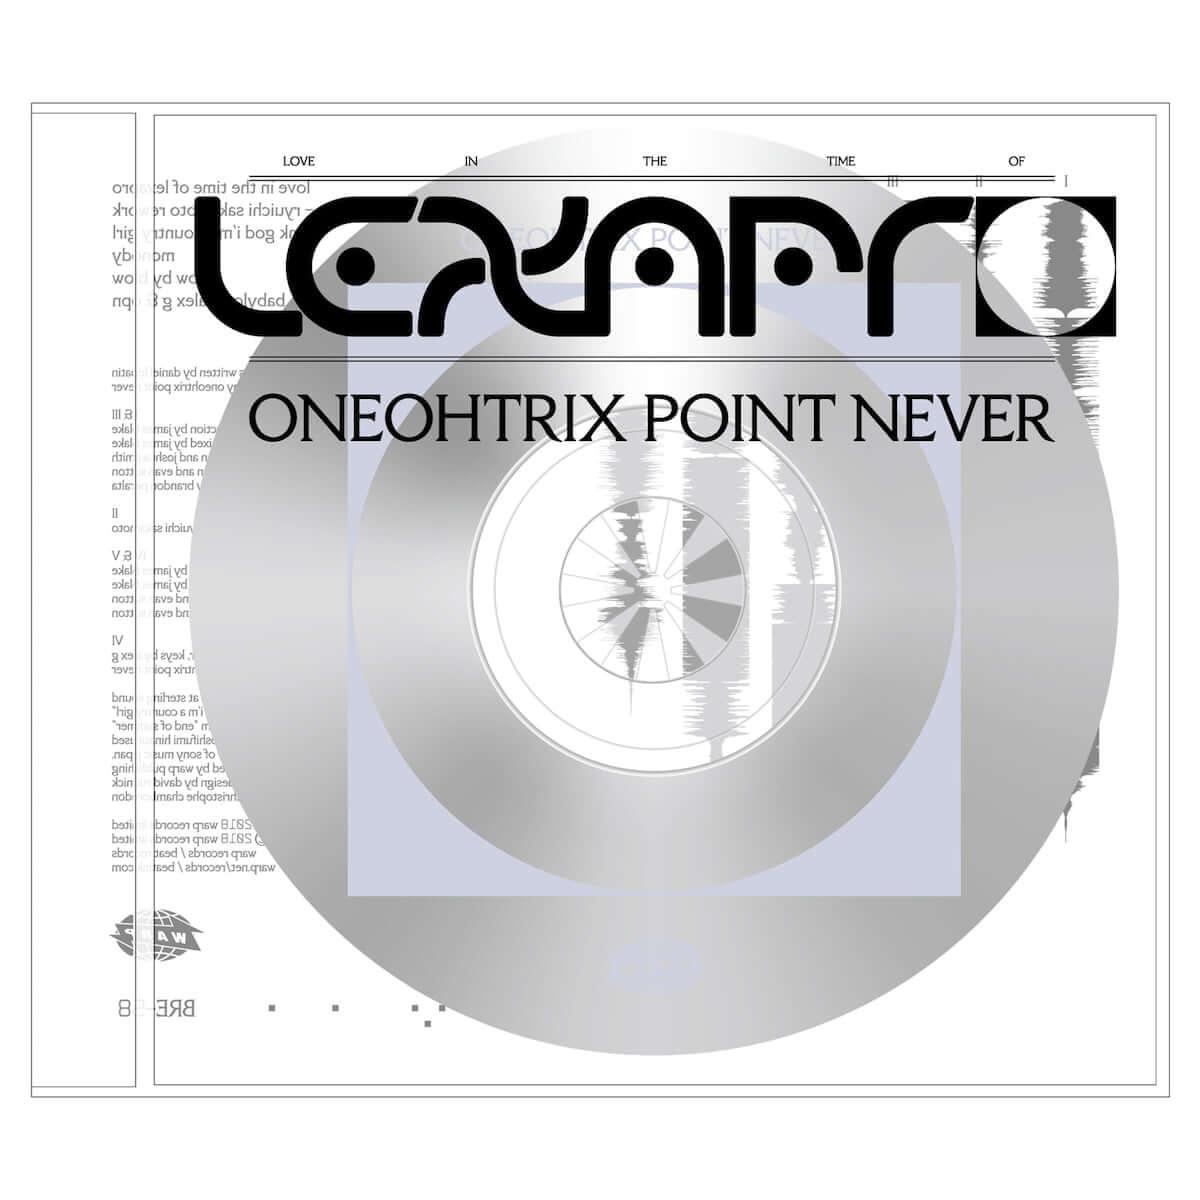 ワンオートリックス・ポイント・ネヴァー、『M.Y.R.I.A.D.』ライブ映像公開! 新曲、坂本龍一リミックスも収録の最新作 『LOVE IN THE TIME OF LEXAPRO』日本独自企画盤もリリース! music181207_pointnever_011-1200x1200